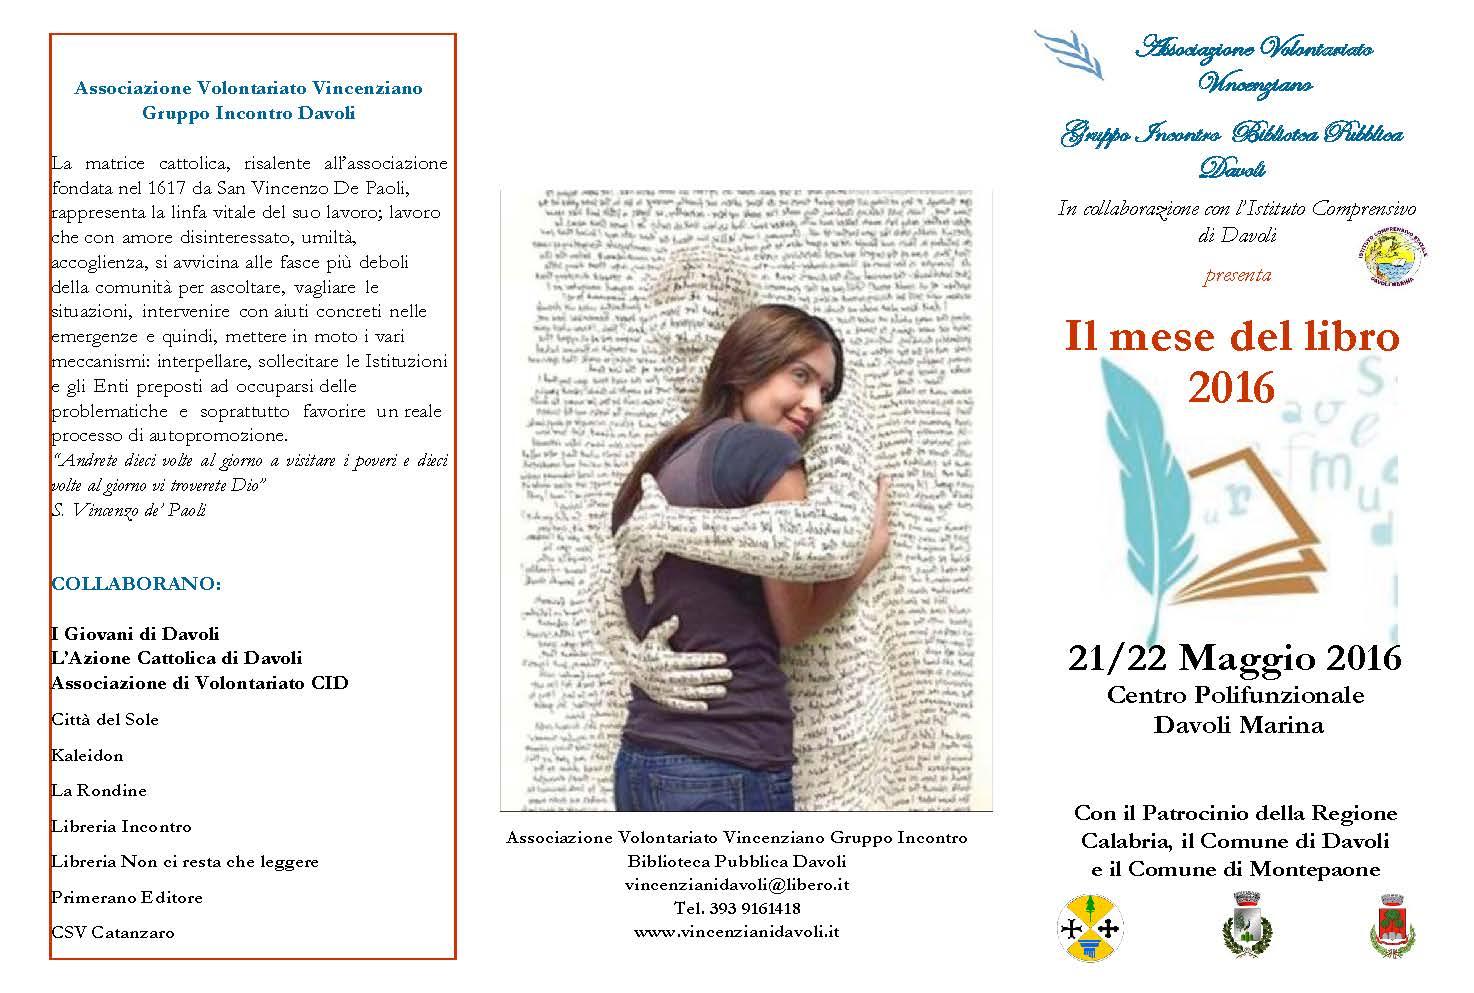 mese libro2016invito_Pagina_1